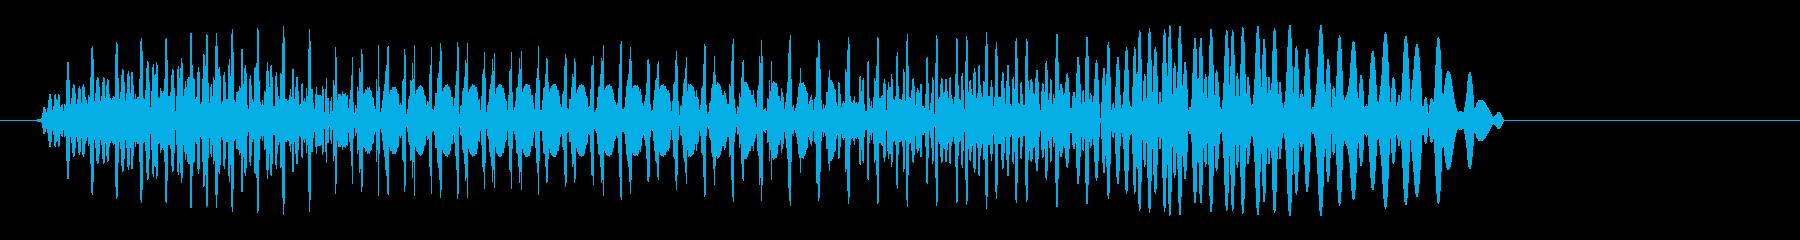 ポワァン(コミカル)ダウンの再生済みの波形